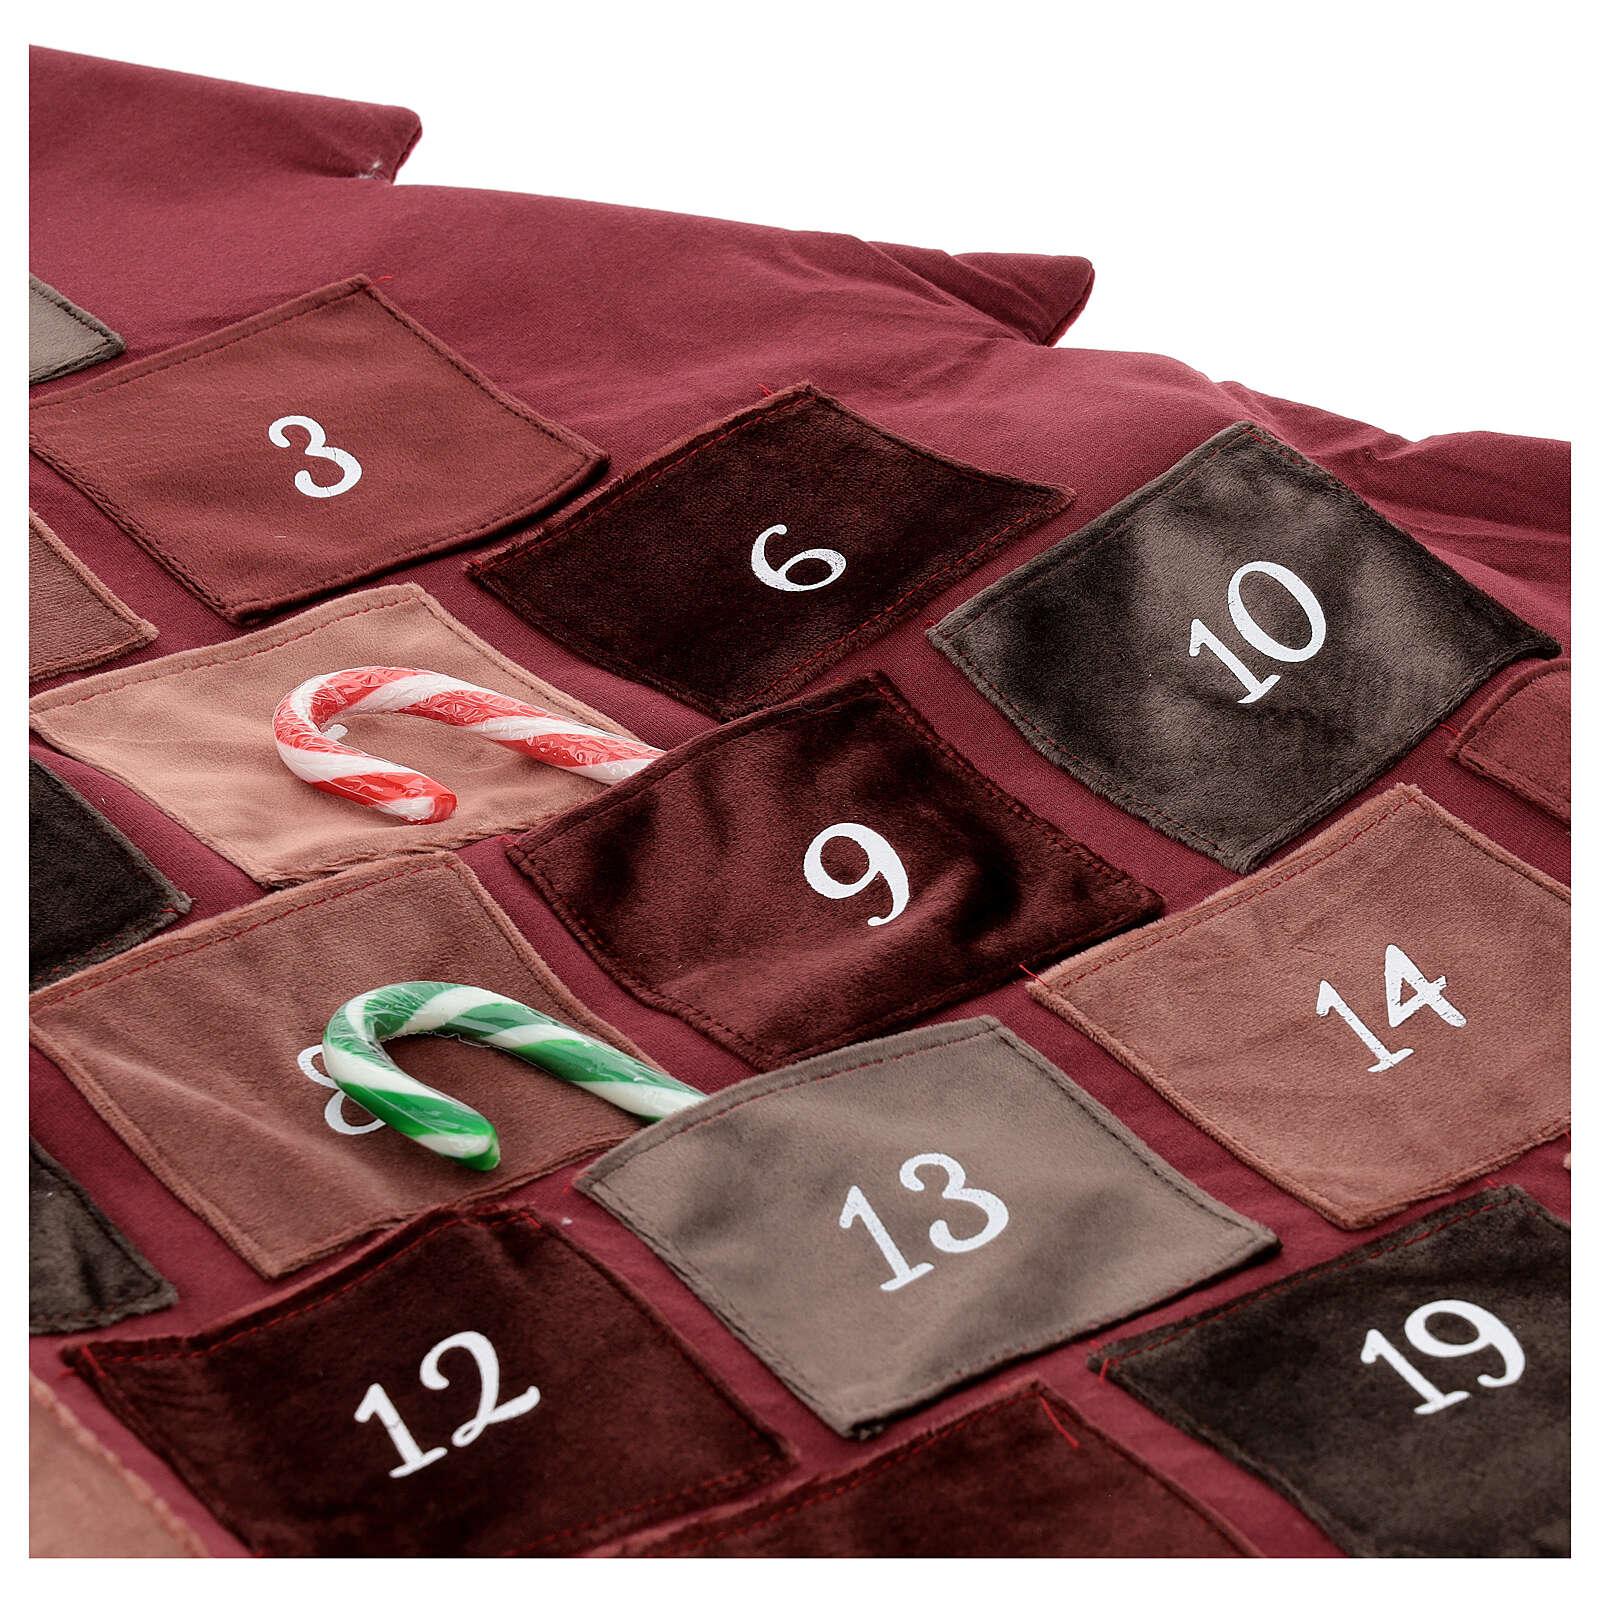 Kalendarz adwentowy Choinka bordowa 85 cm 3